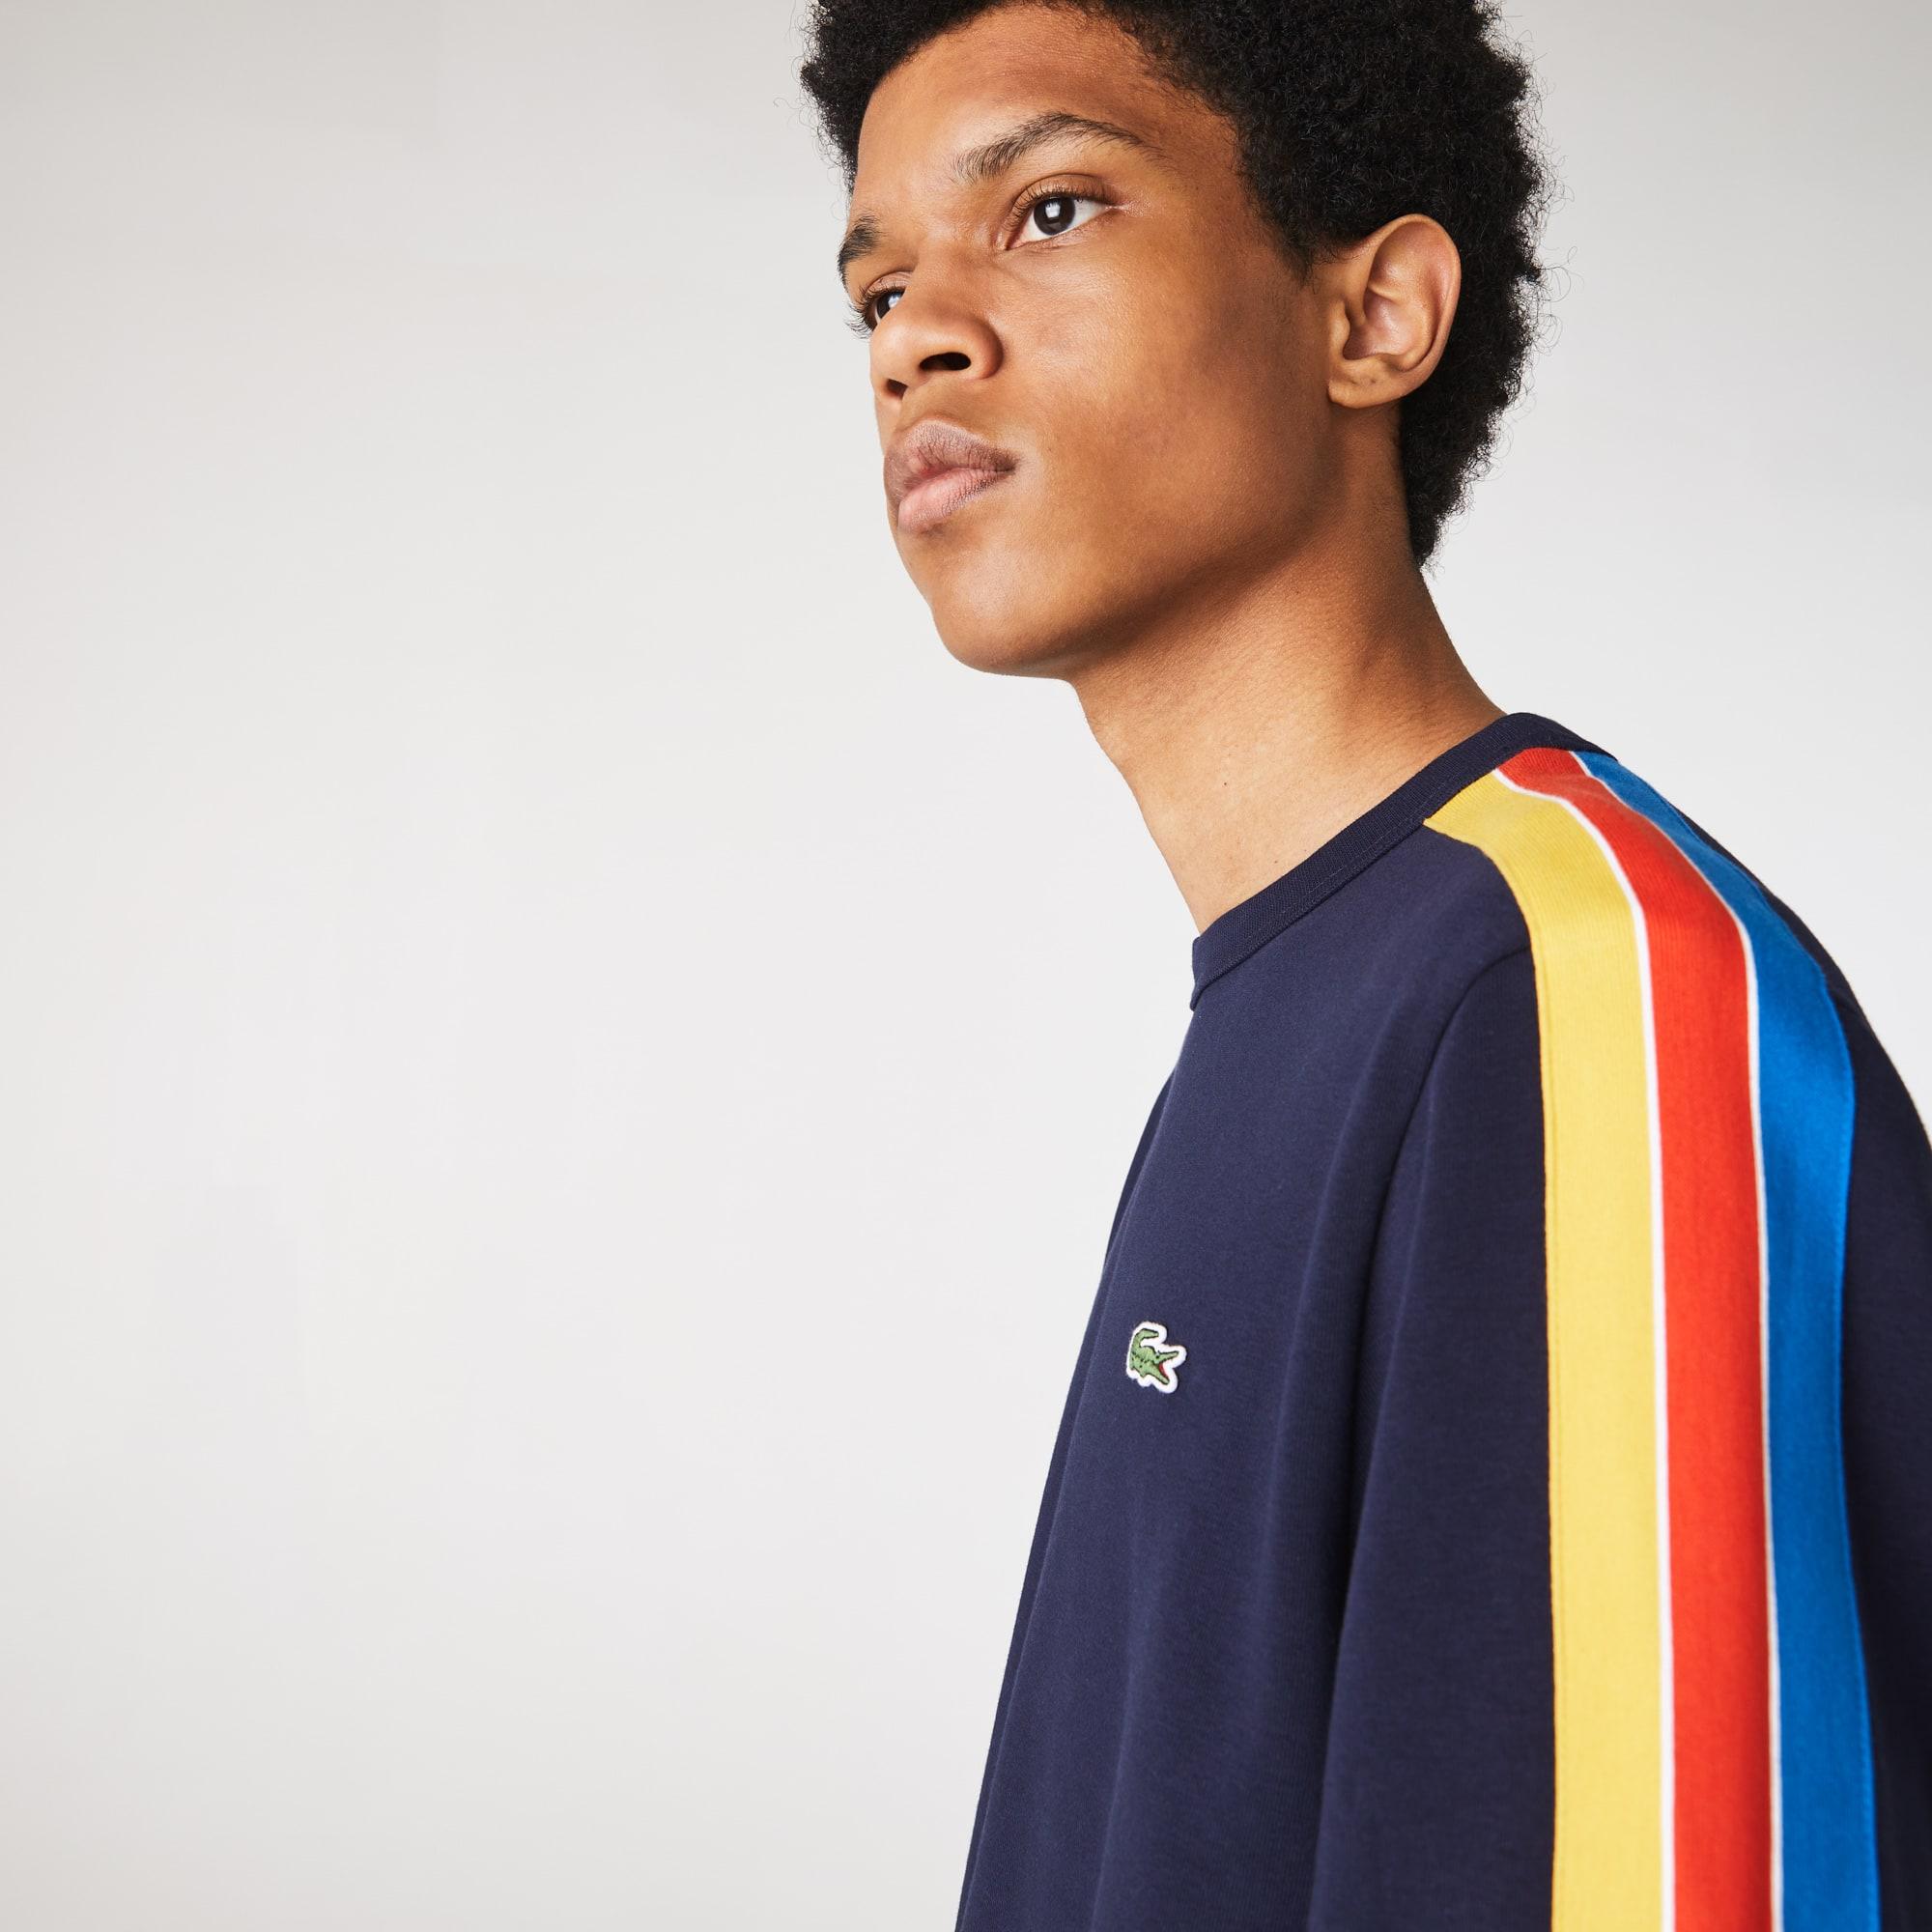 라코스테 스포츠 배색 밴드 플리스 맨투맨 Lacoste Mens SPORT Contrast Bands Fleece Sweatshirt